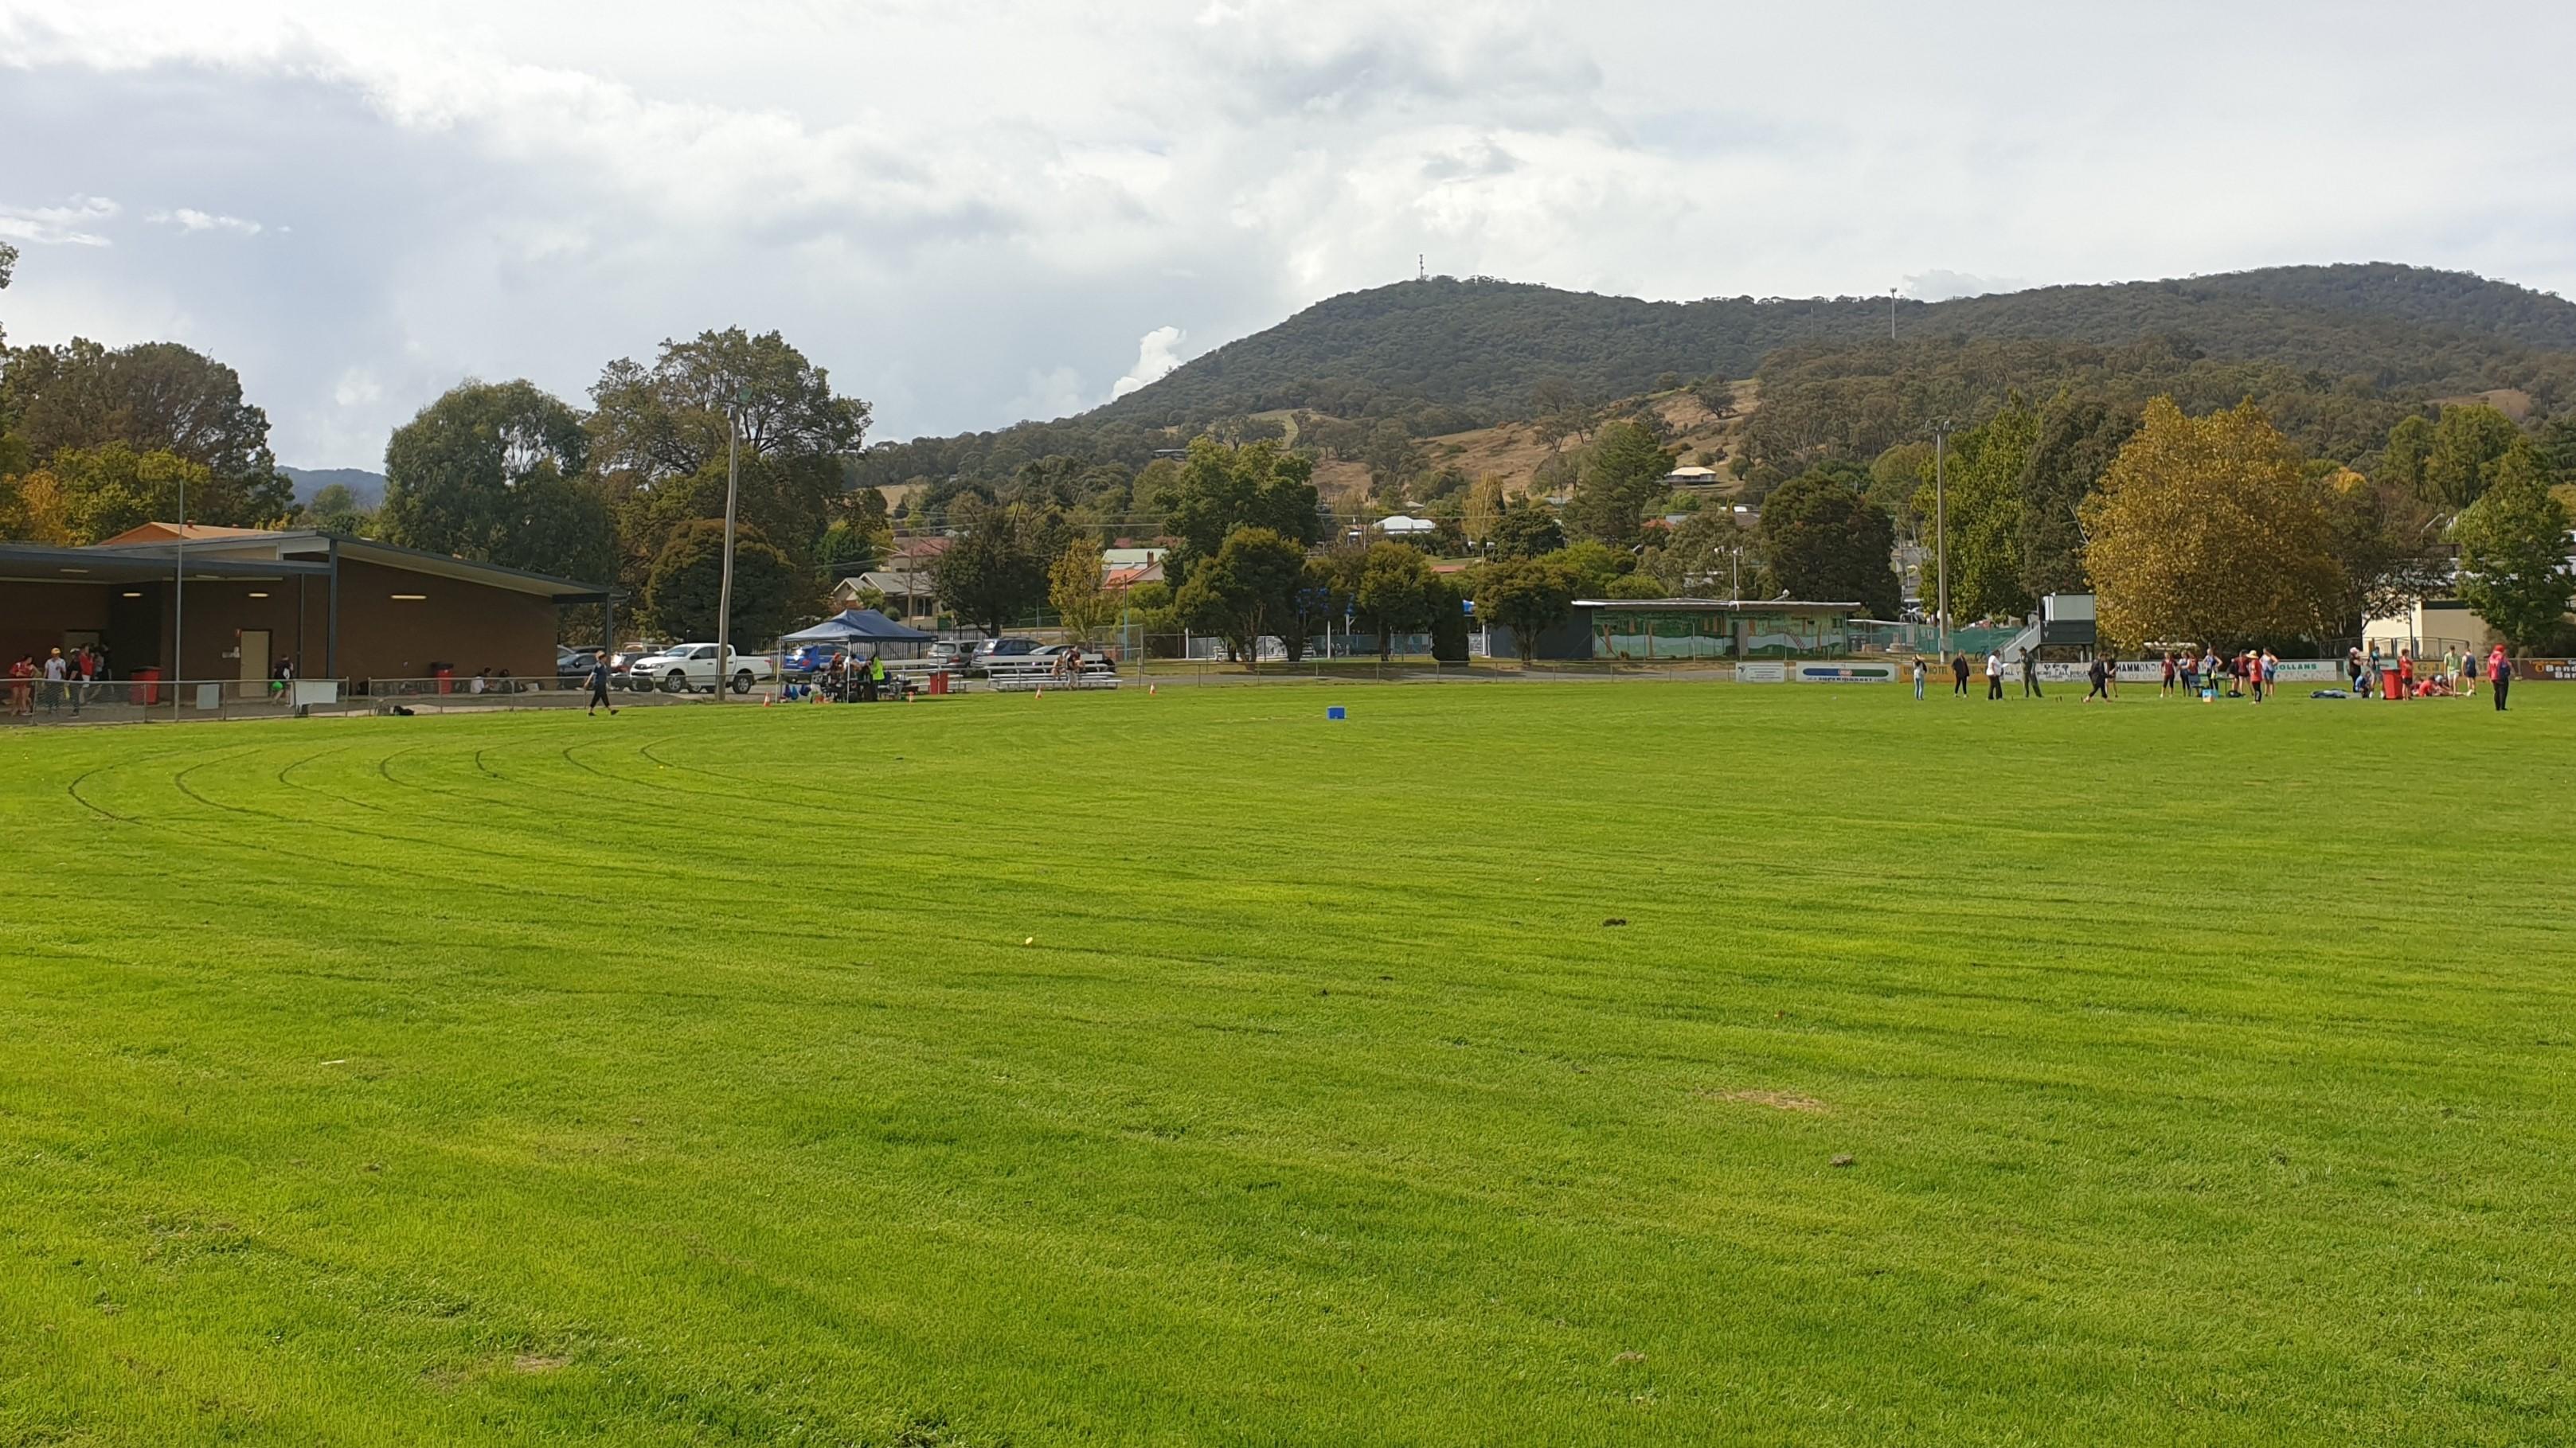 20190329 tumbarumba sportsground